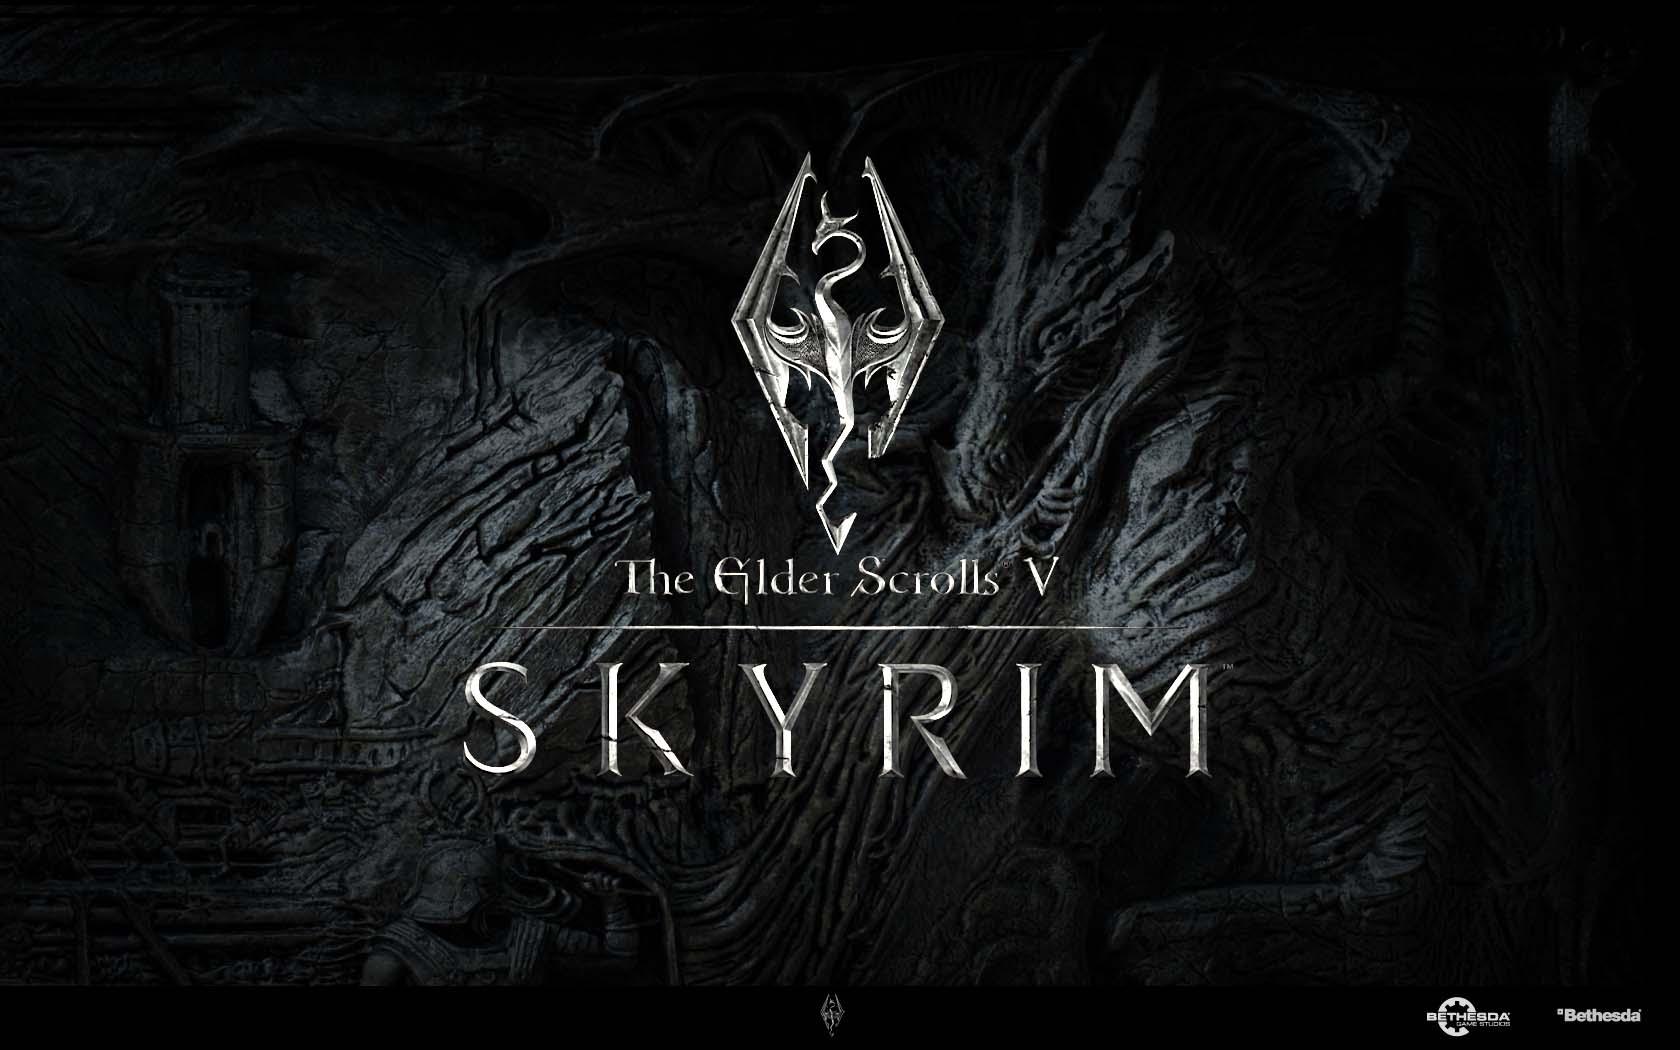 skyrim_0300202993855.jpg